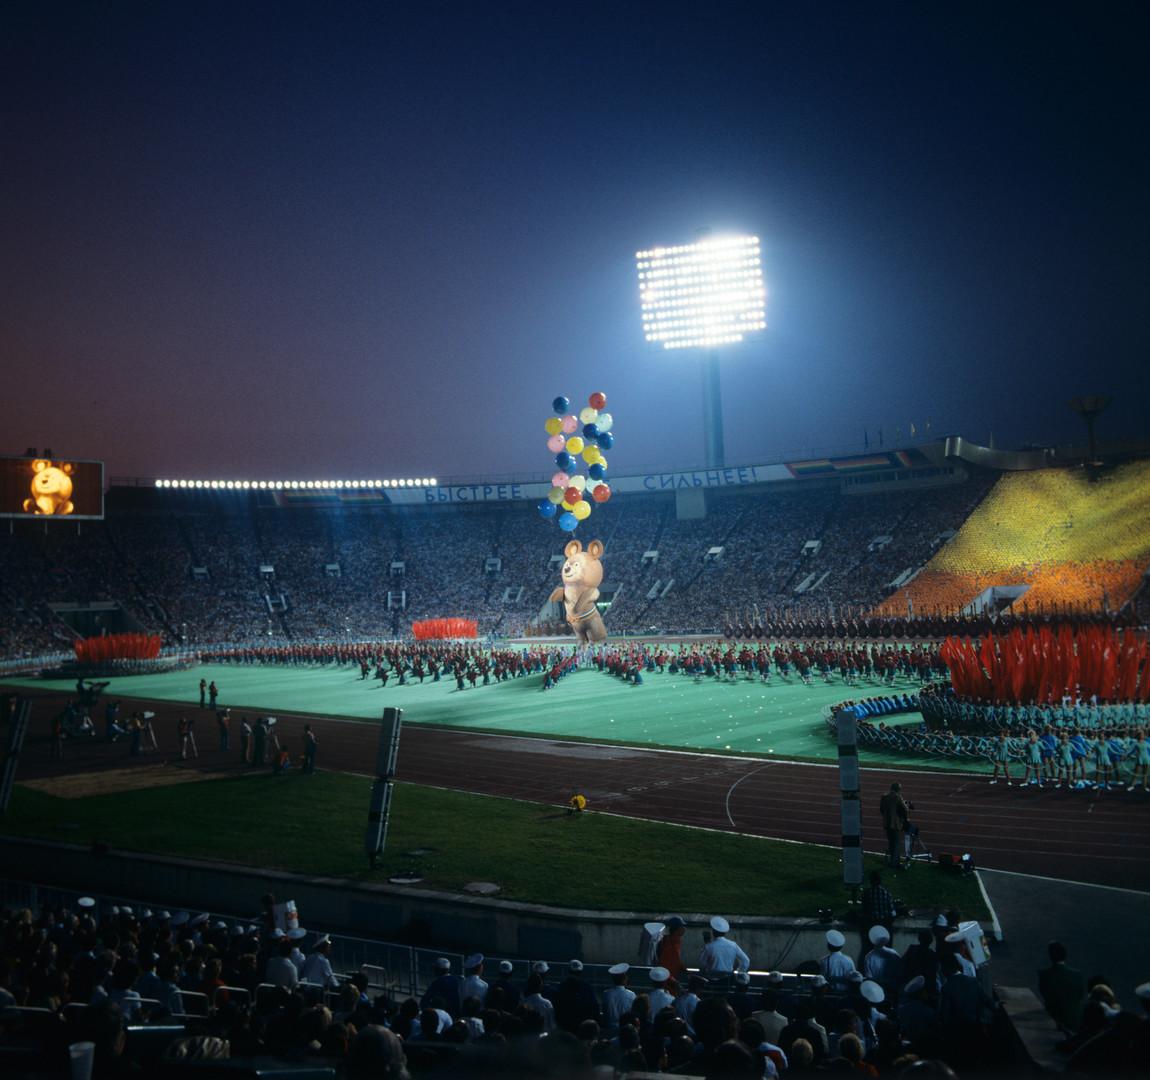 Olimpijska maskota Miša uzlijeće na nebo na ceremoniji zatvaranja Olimpijskih igara u Moskvi